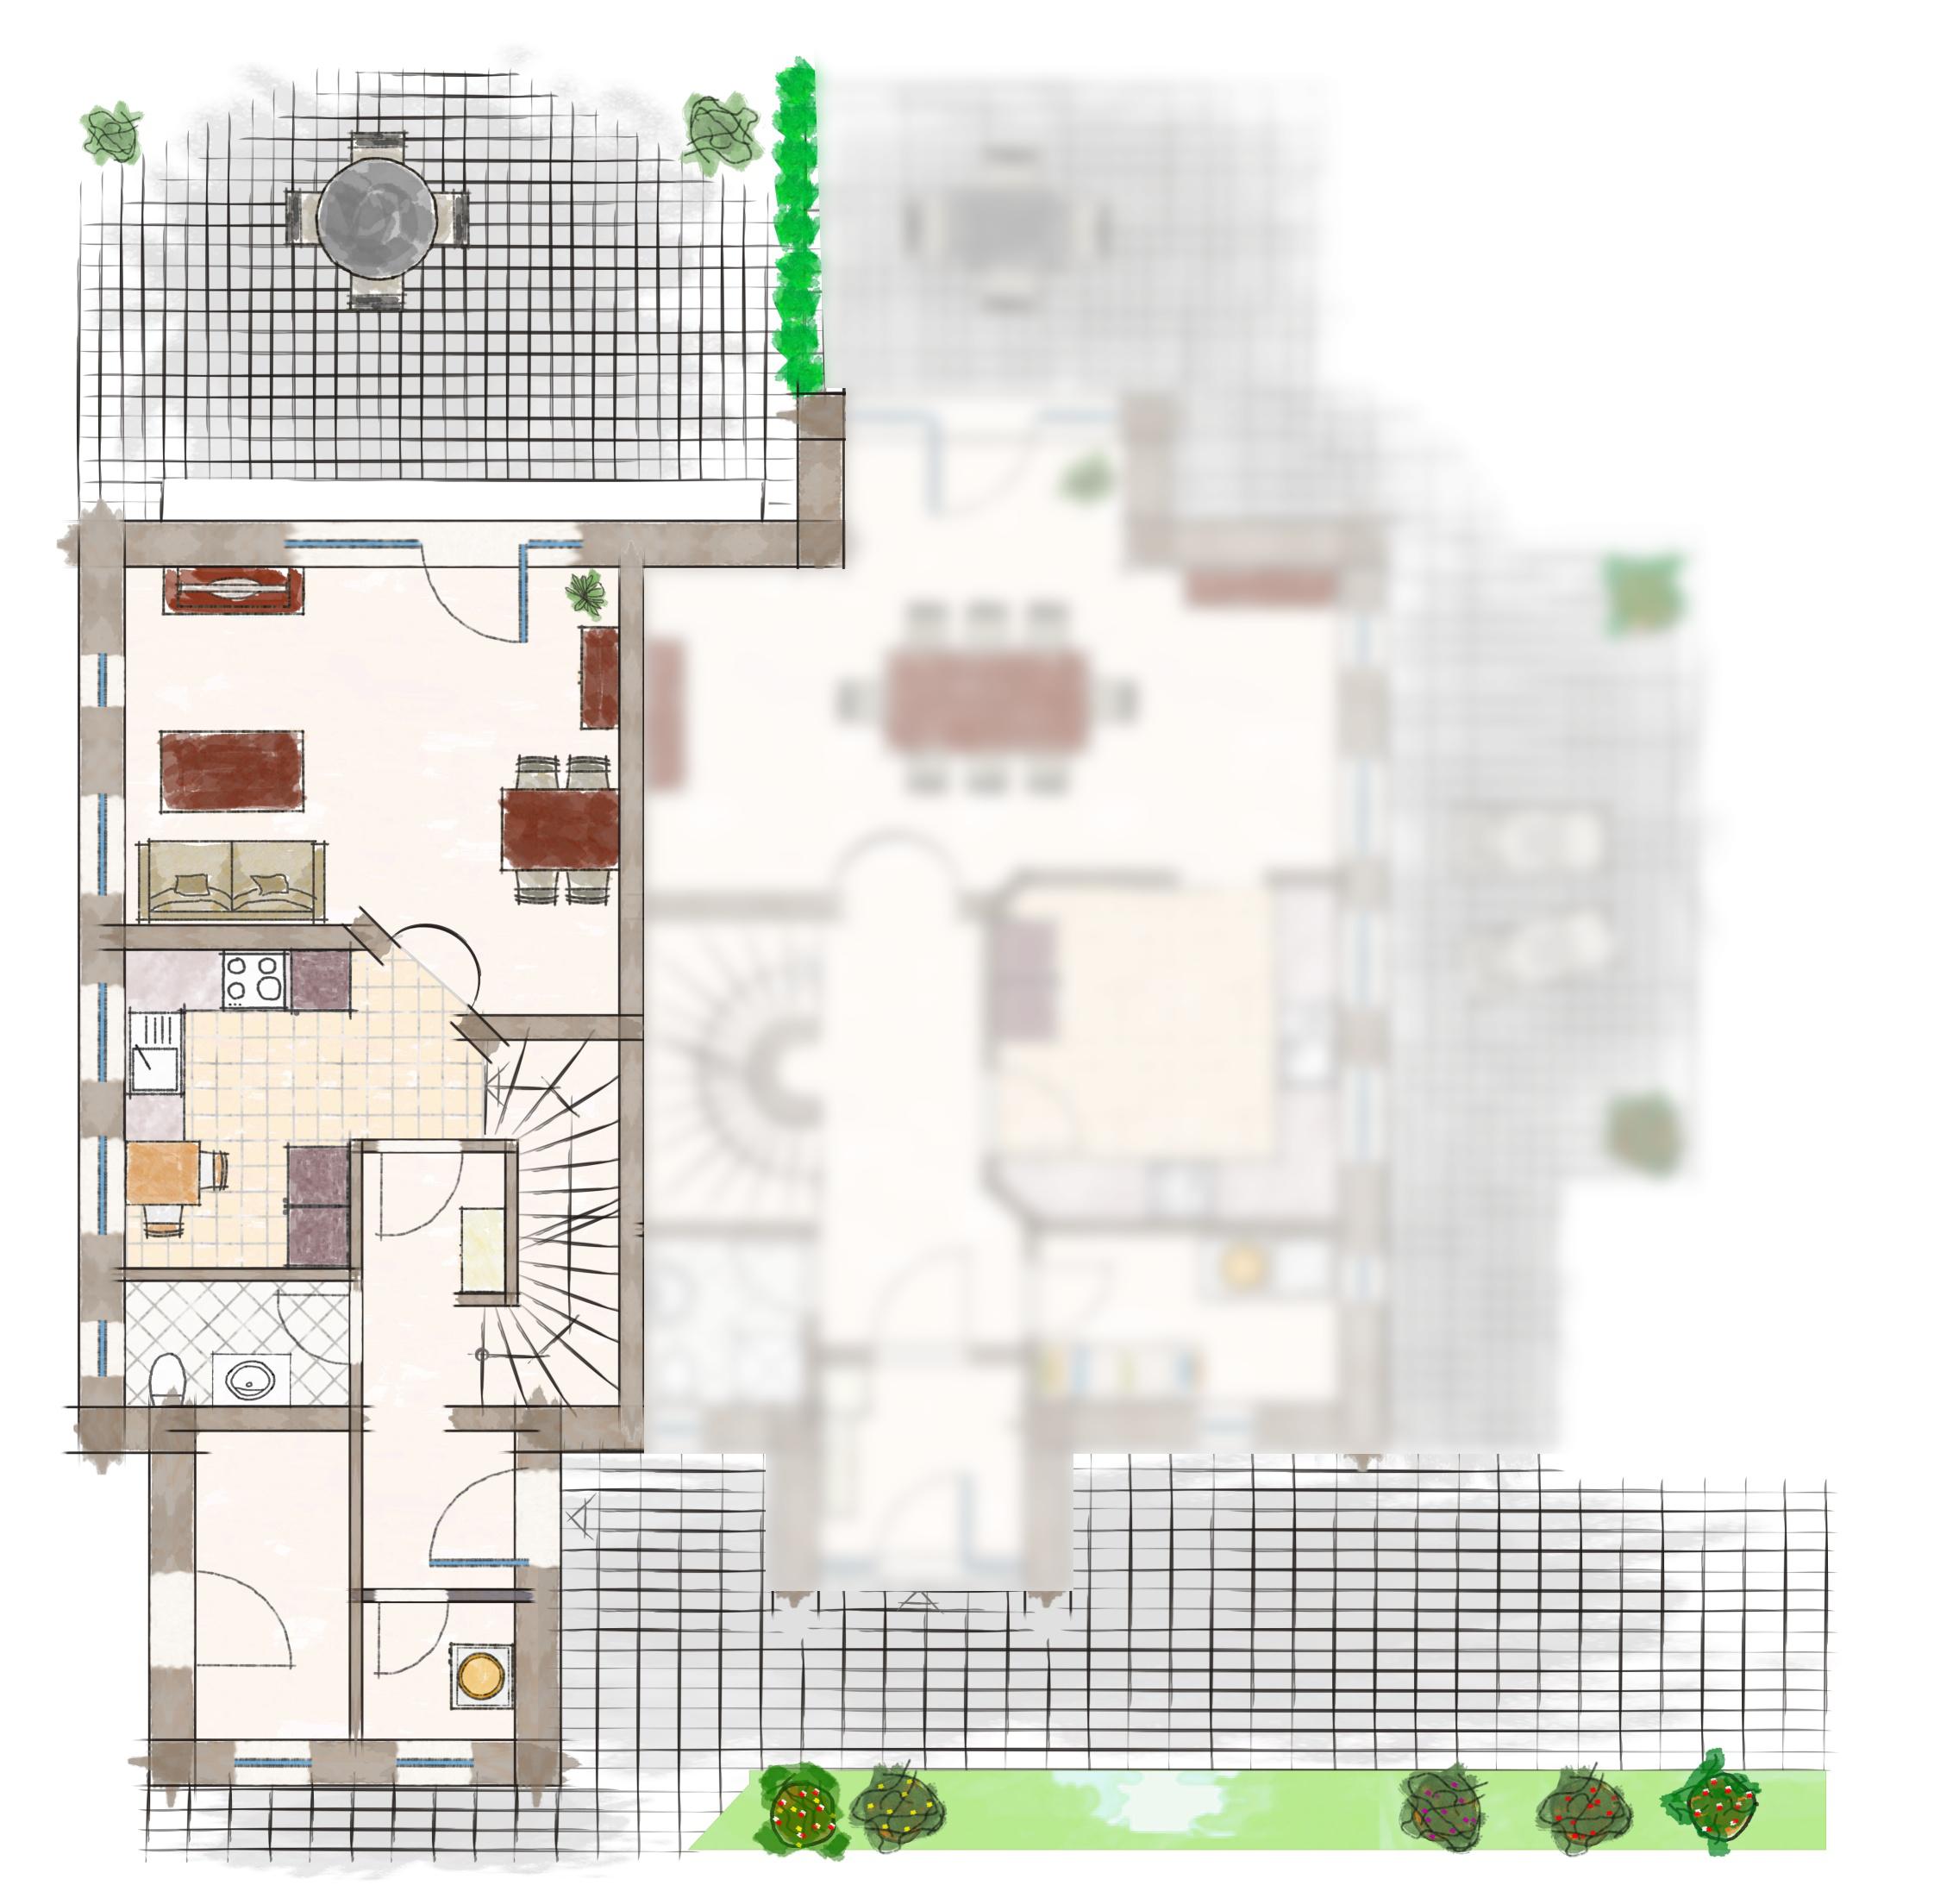 Grundriss Erdgeschoss | Ferienhaus Henny